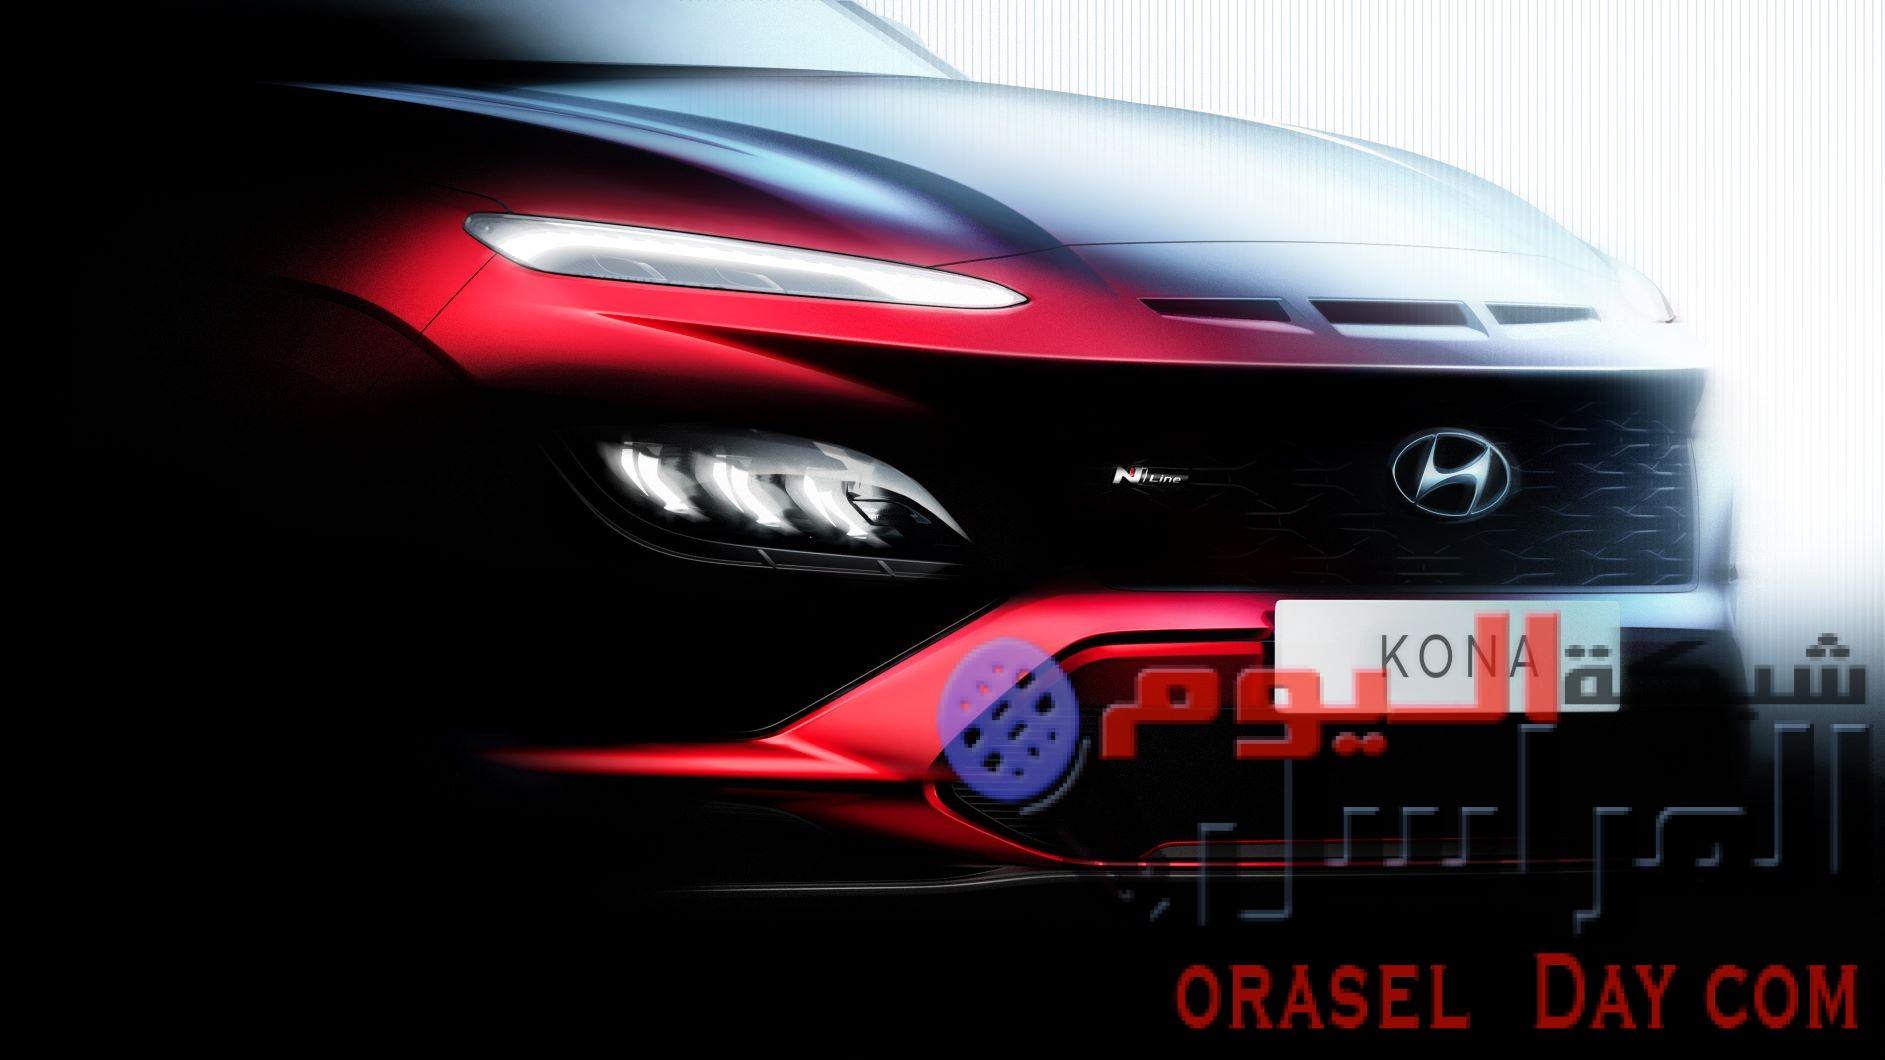 هيونداي تطلق تحديث جديد من مركبات كونا – وكونا N لاين